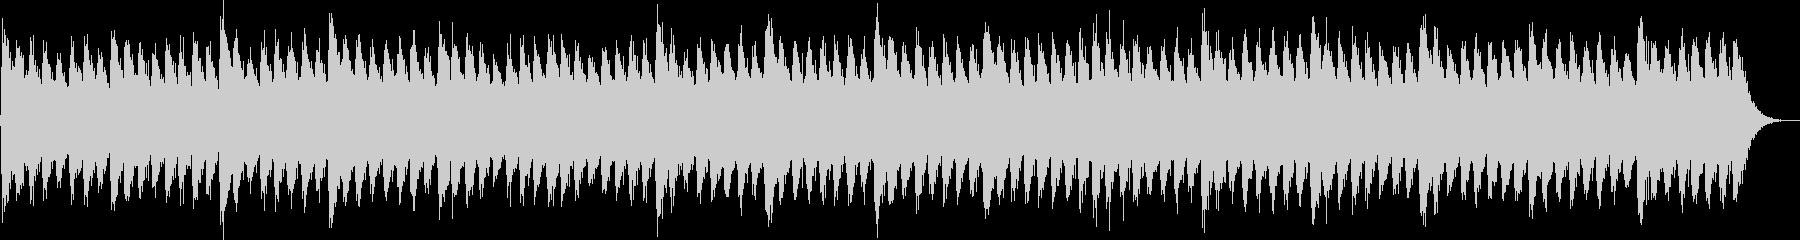 追いつめられるようなホラー曲の未再生の波形